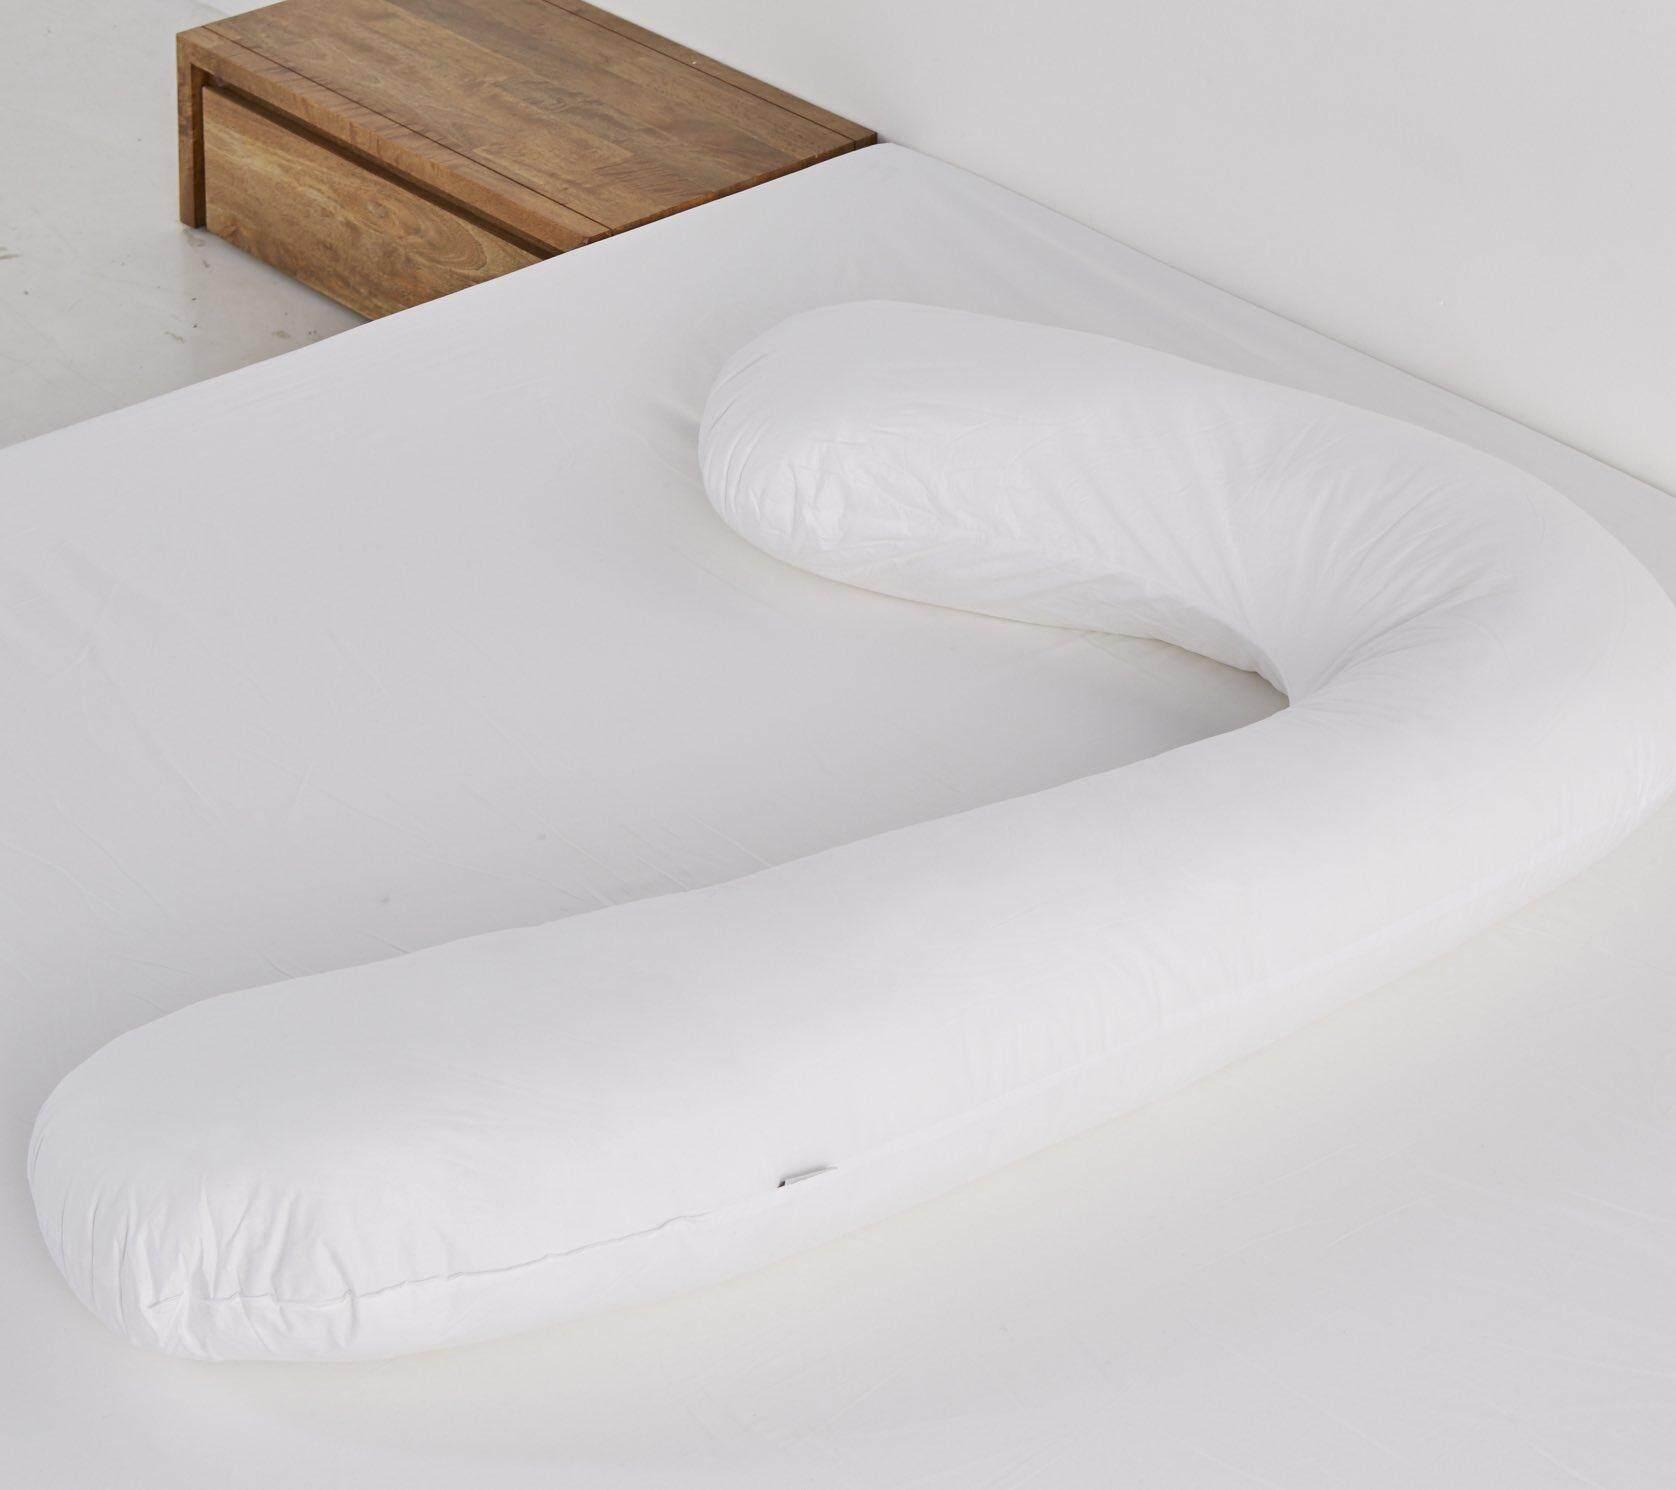 ขาย Mr Big รุ่น Seven Pillow แถมปลอก 1 ชิ้น ใหม่